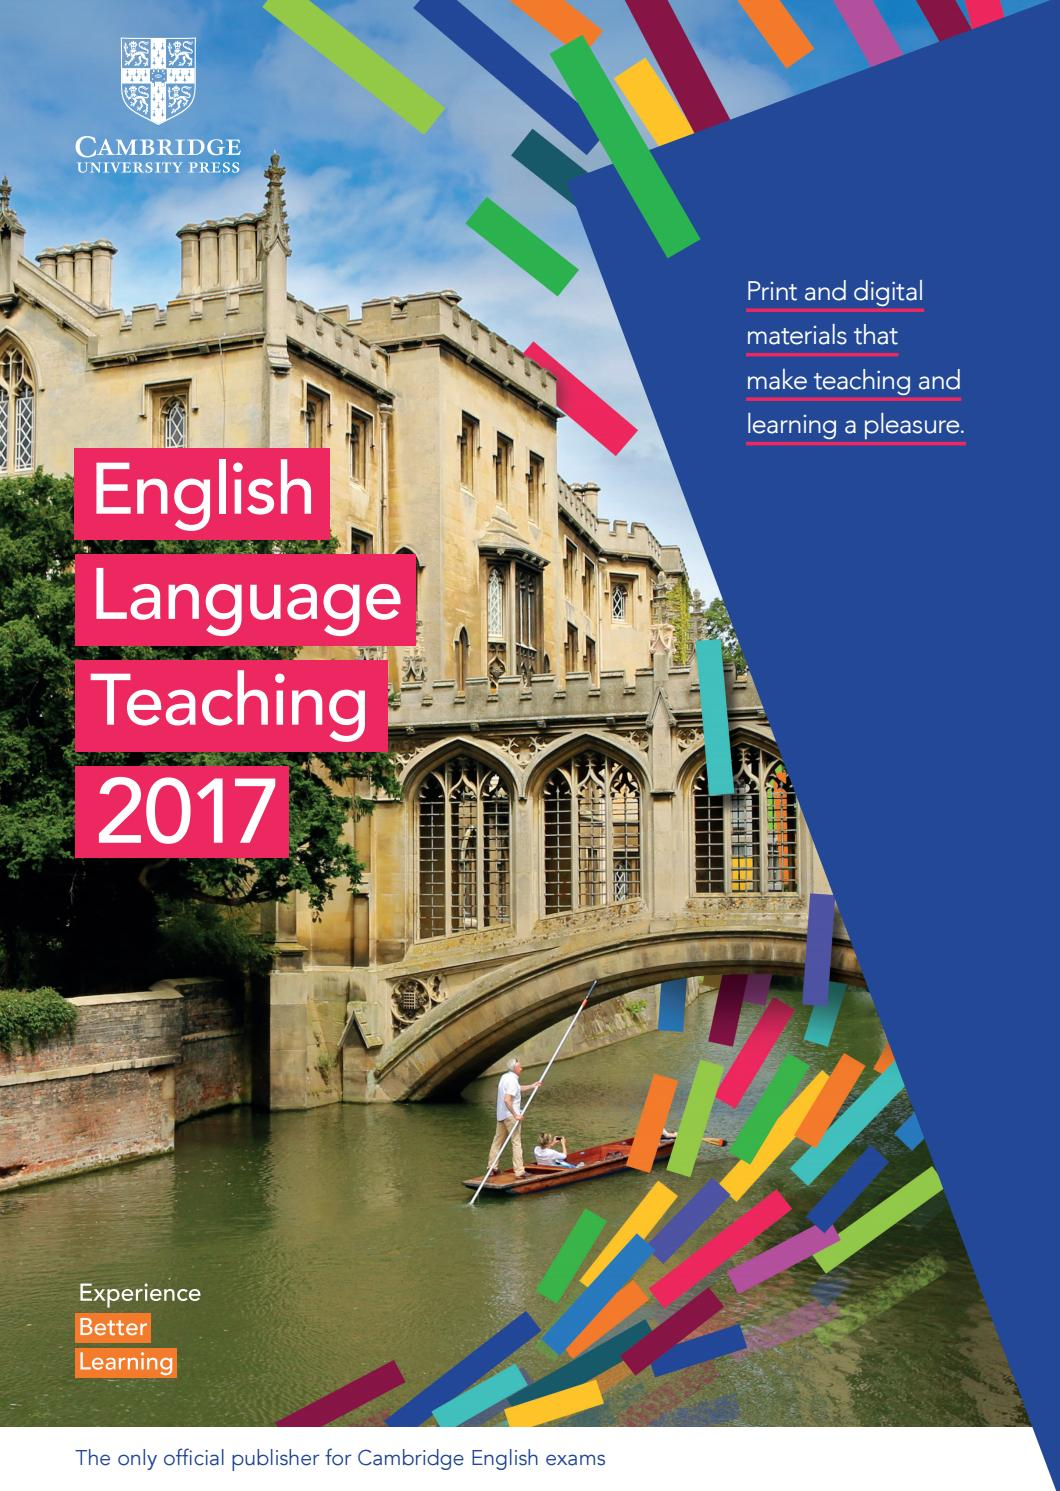 2017 ELT Cambridge University Press Greek Catalogue by